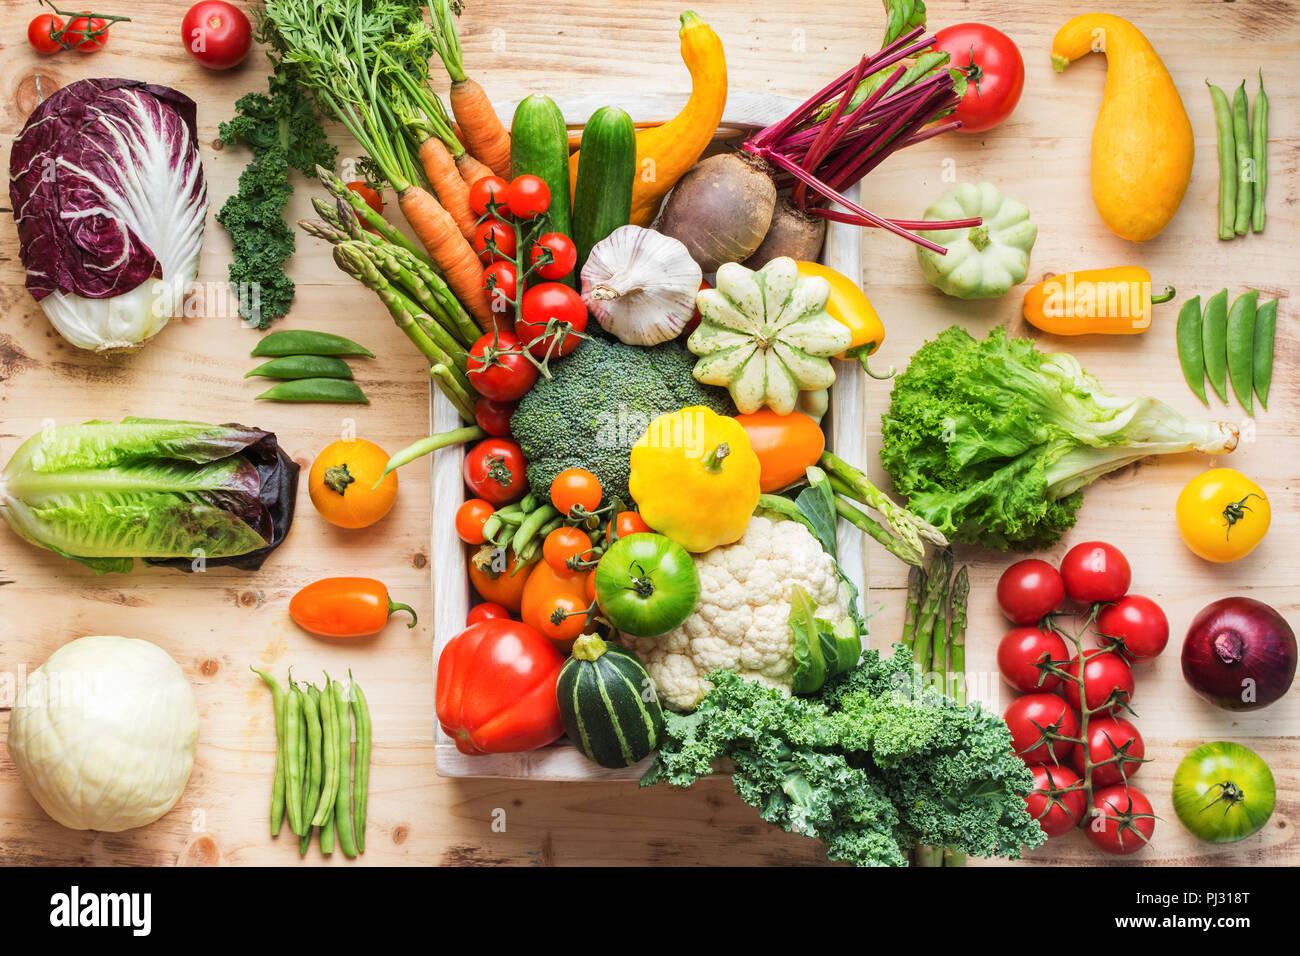 Assortimento di coloratissimi fresca verdura biologica nel vassoio bianco in legno di pino, tavola cucina creativa di sfondo, vista dall'alto, il fuoco selettivo Immagini Stock